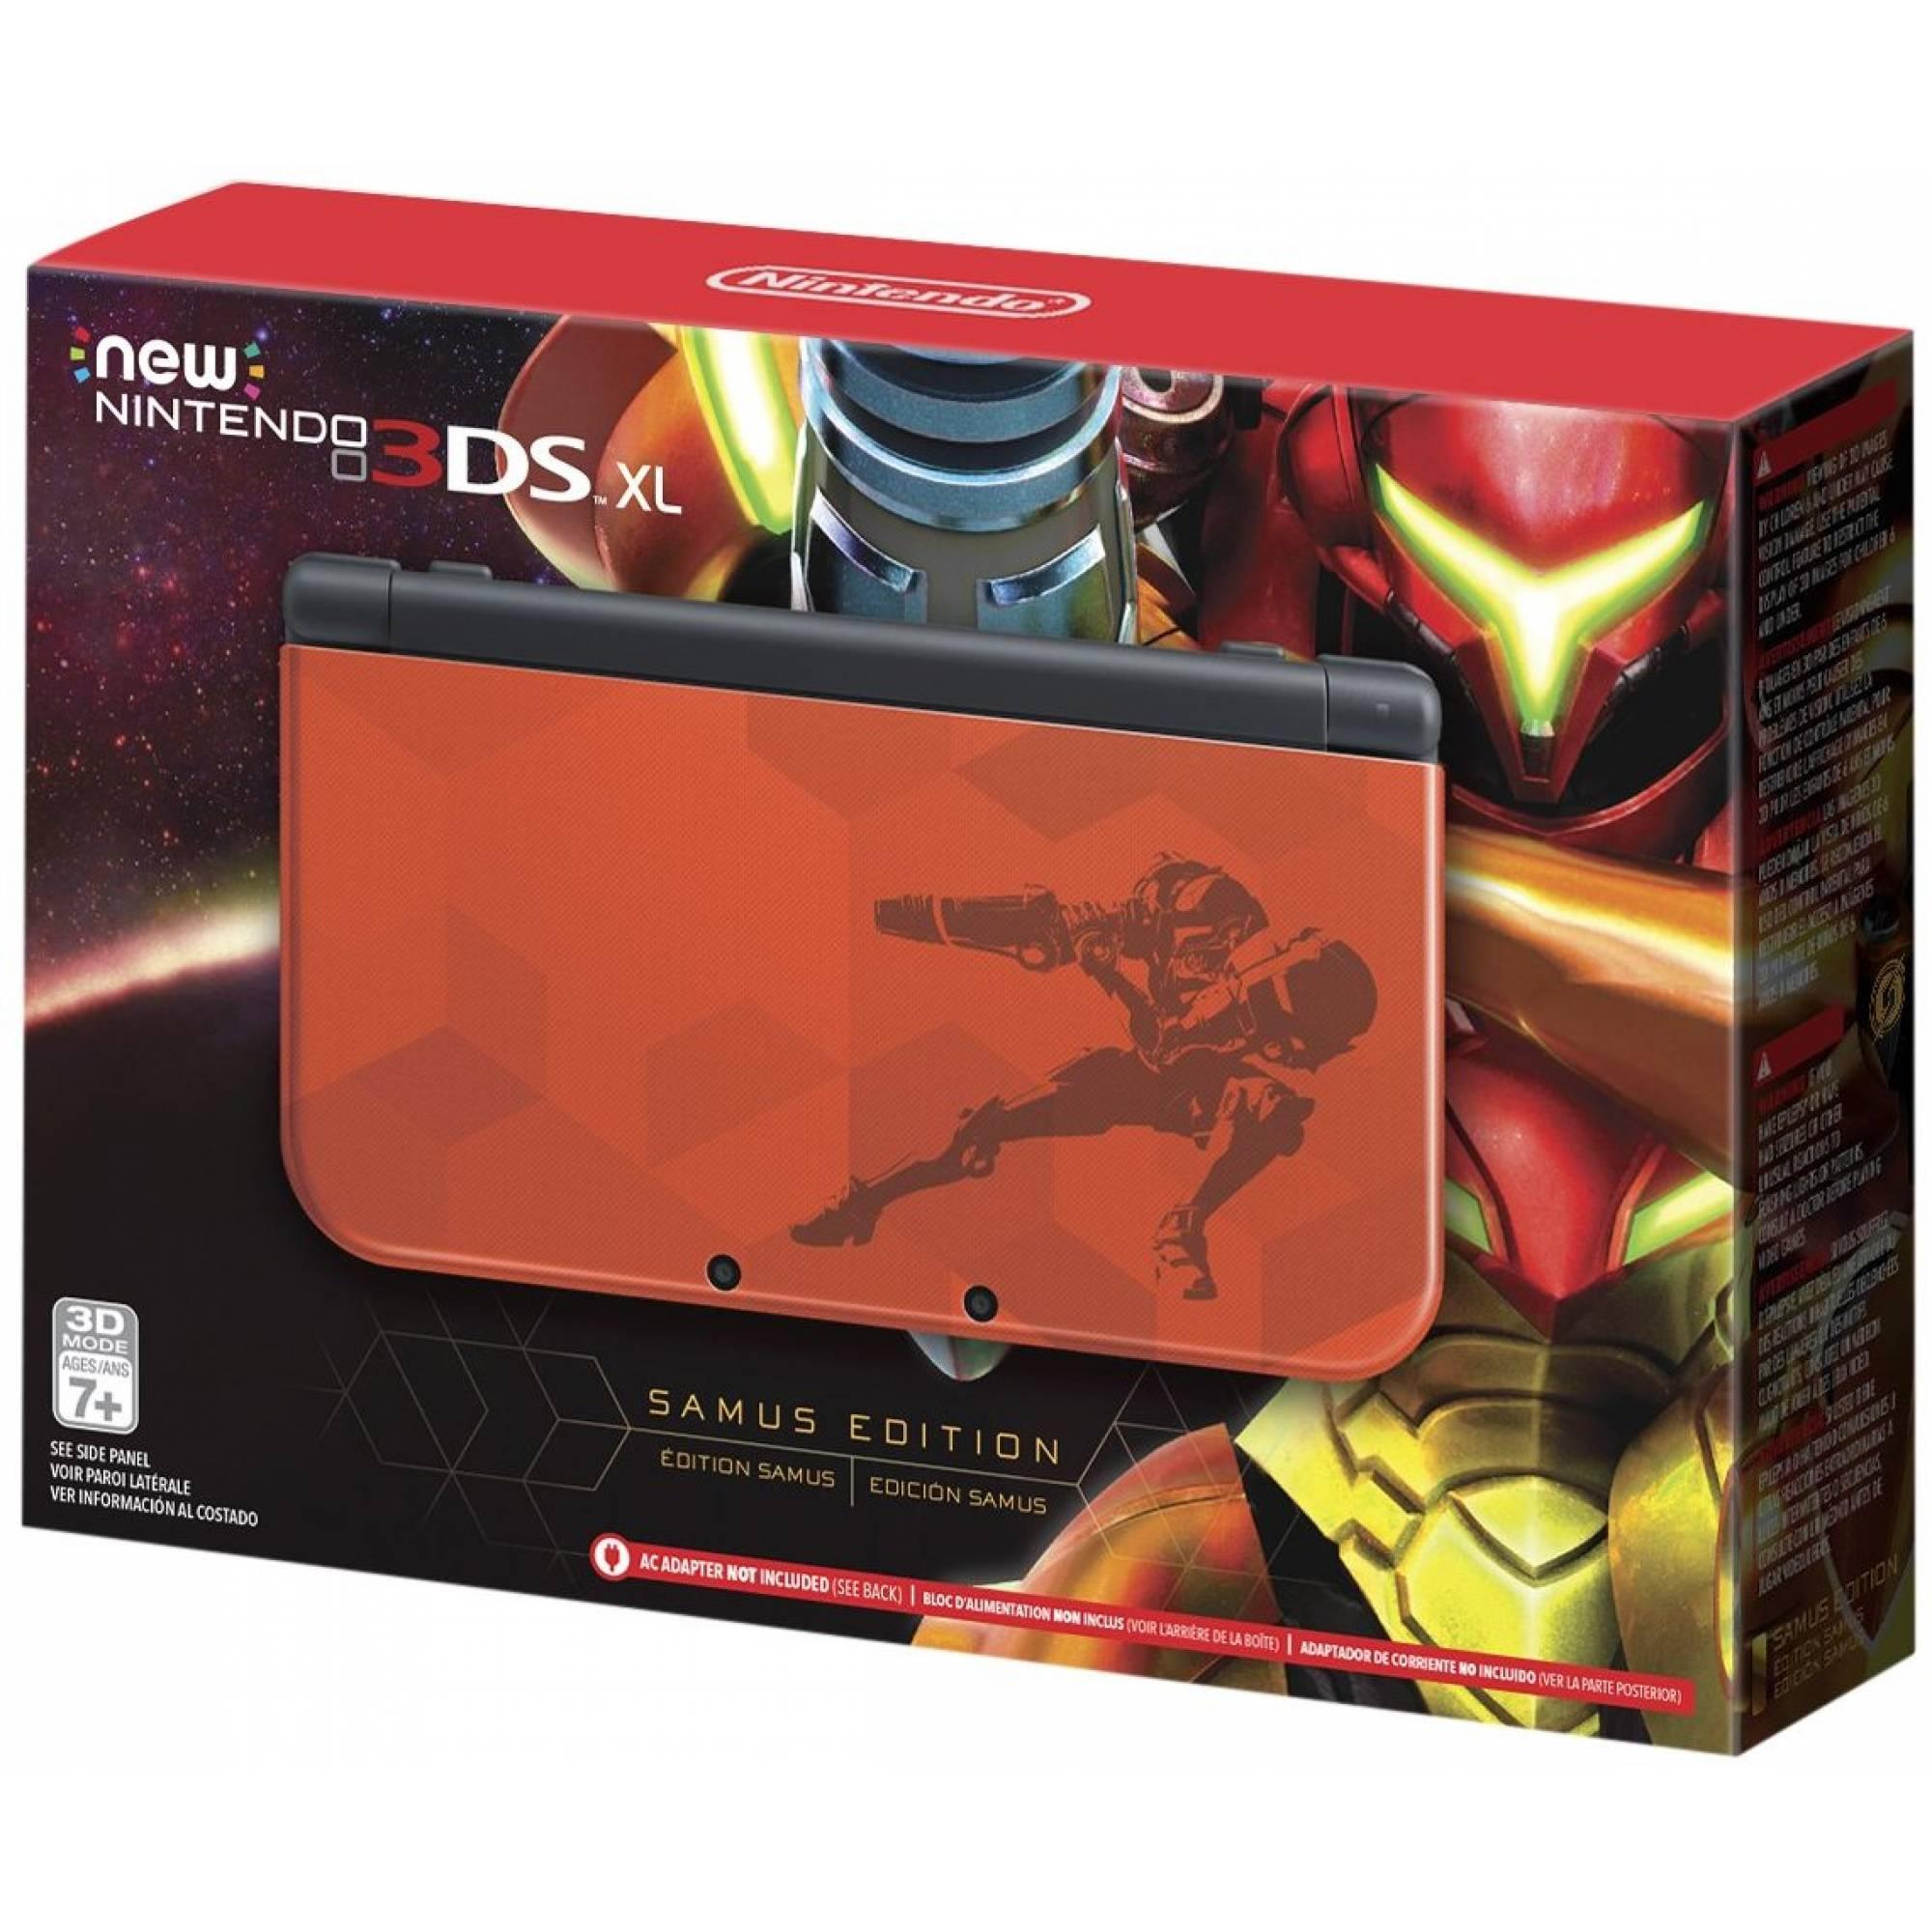 New Nintendo 3Ds XL Edição Samus + Carregador Original Nintendo